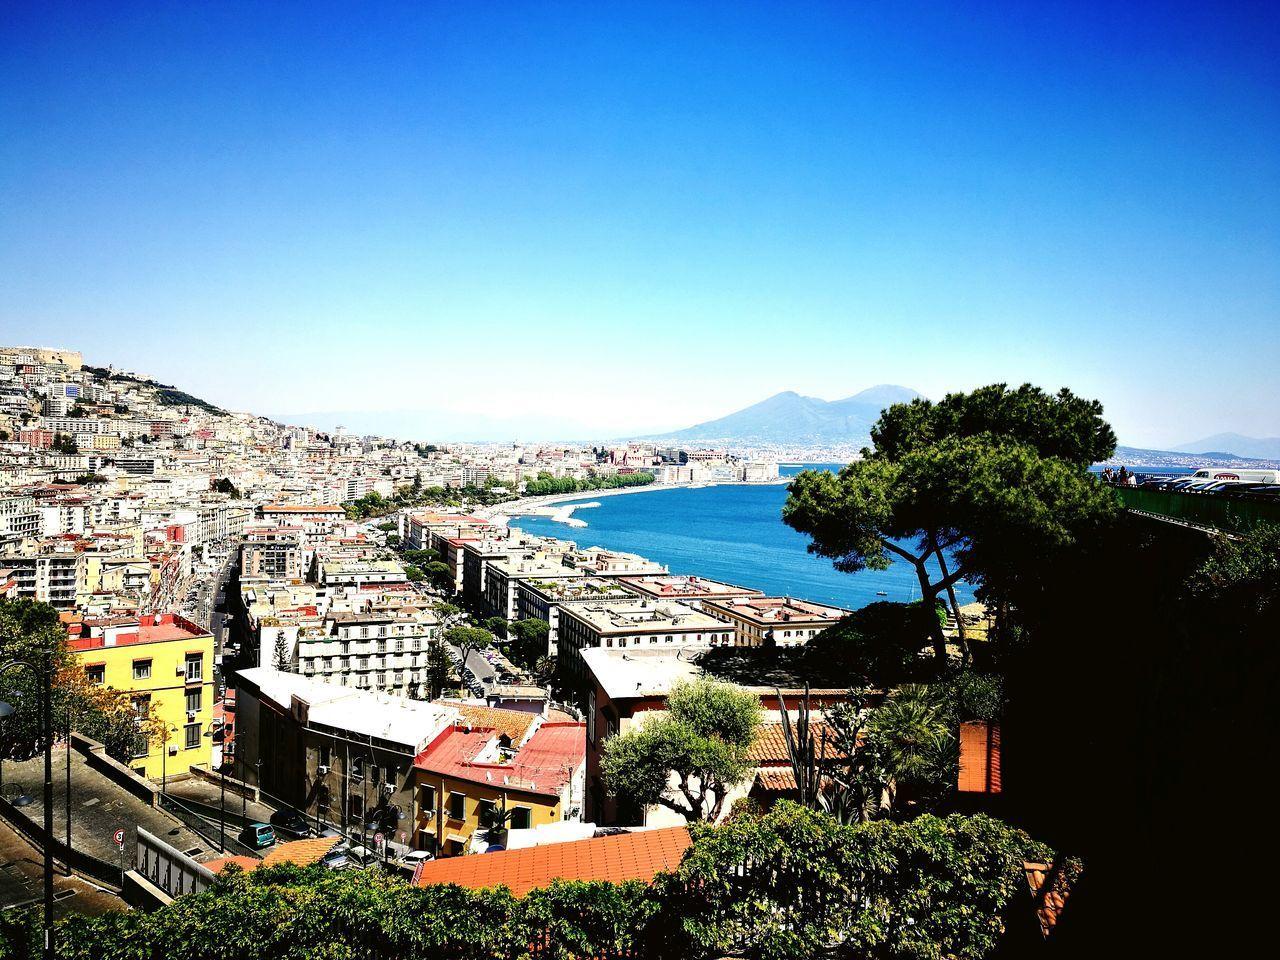 Golfo Di Napoli Napoli Italy Mare Naples, Italy Naples Bay